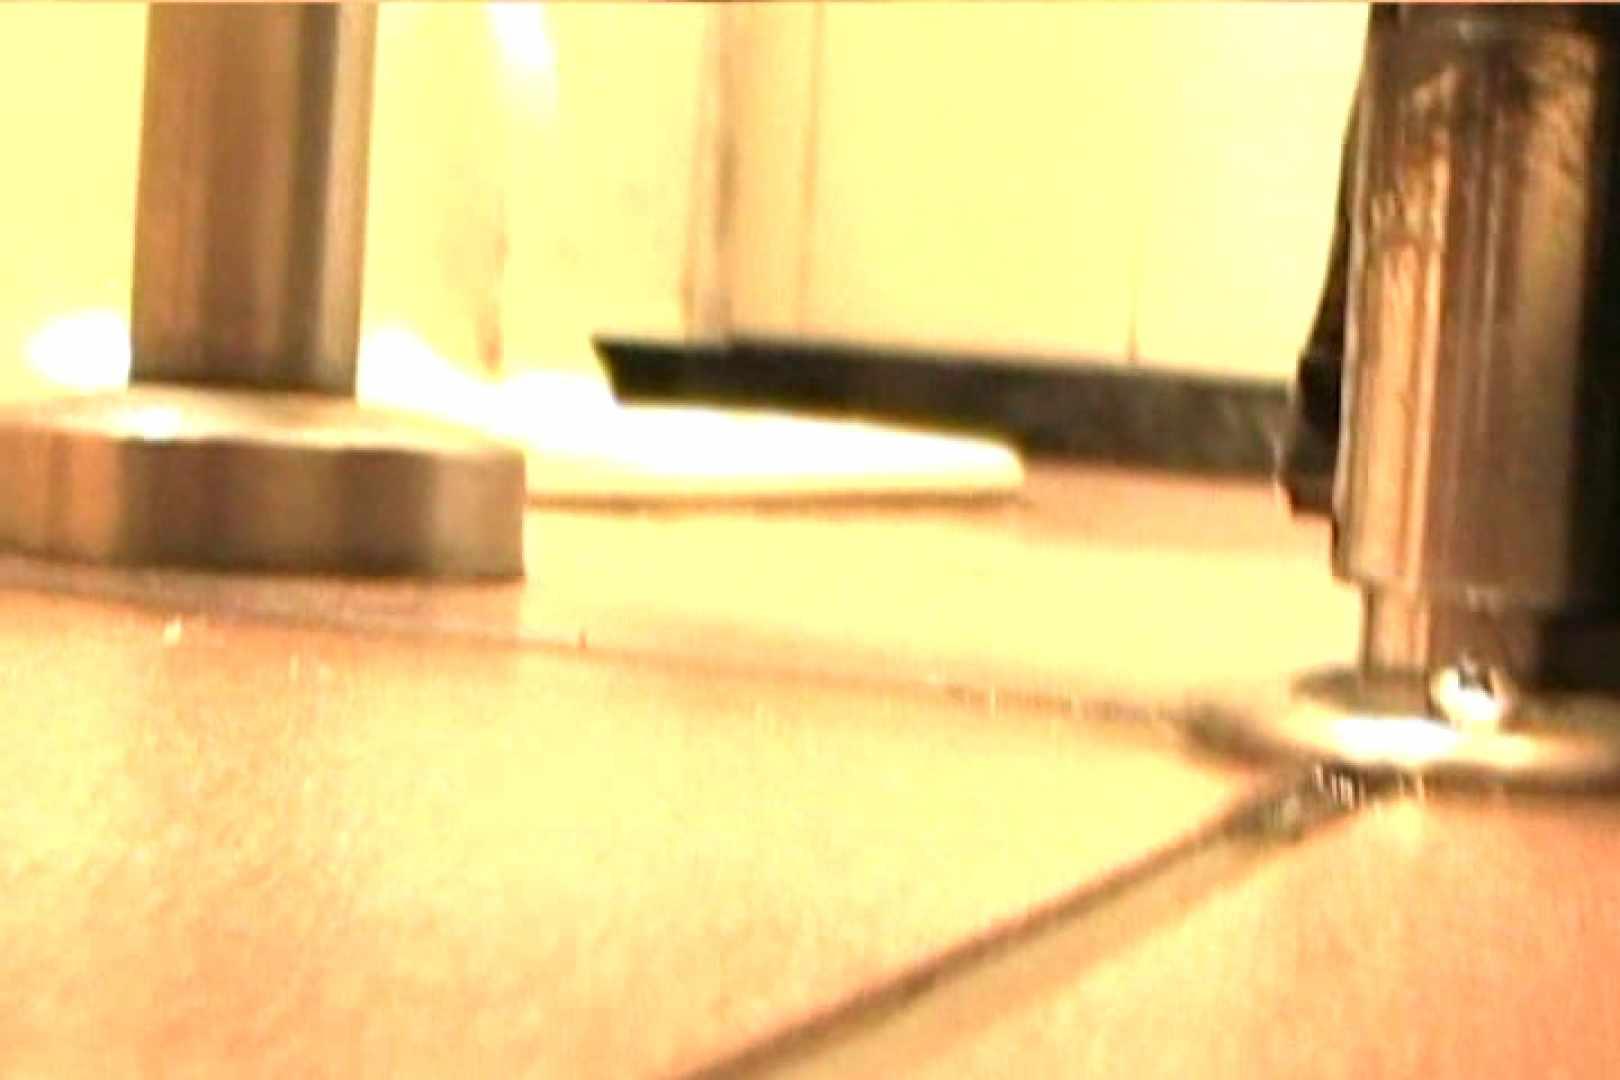 マンコ丸見え女子洗面所Vol.37 マンコ・ムレムレ 盗み撮り動画キャプチャ 87pic 26